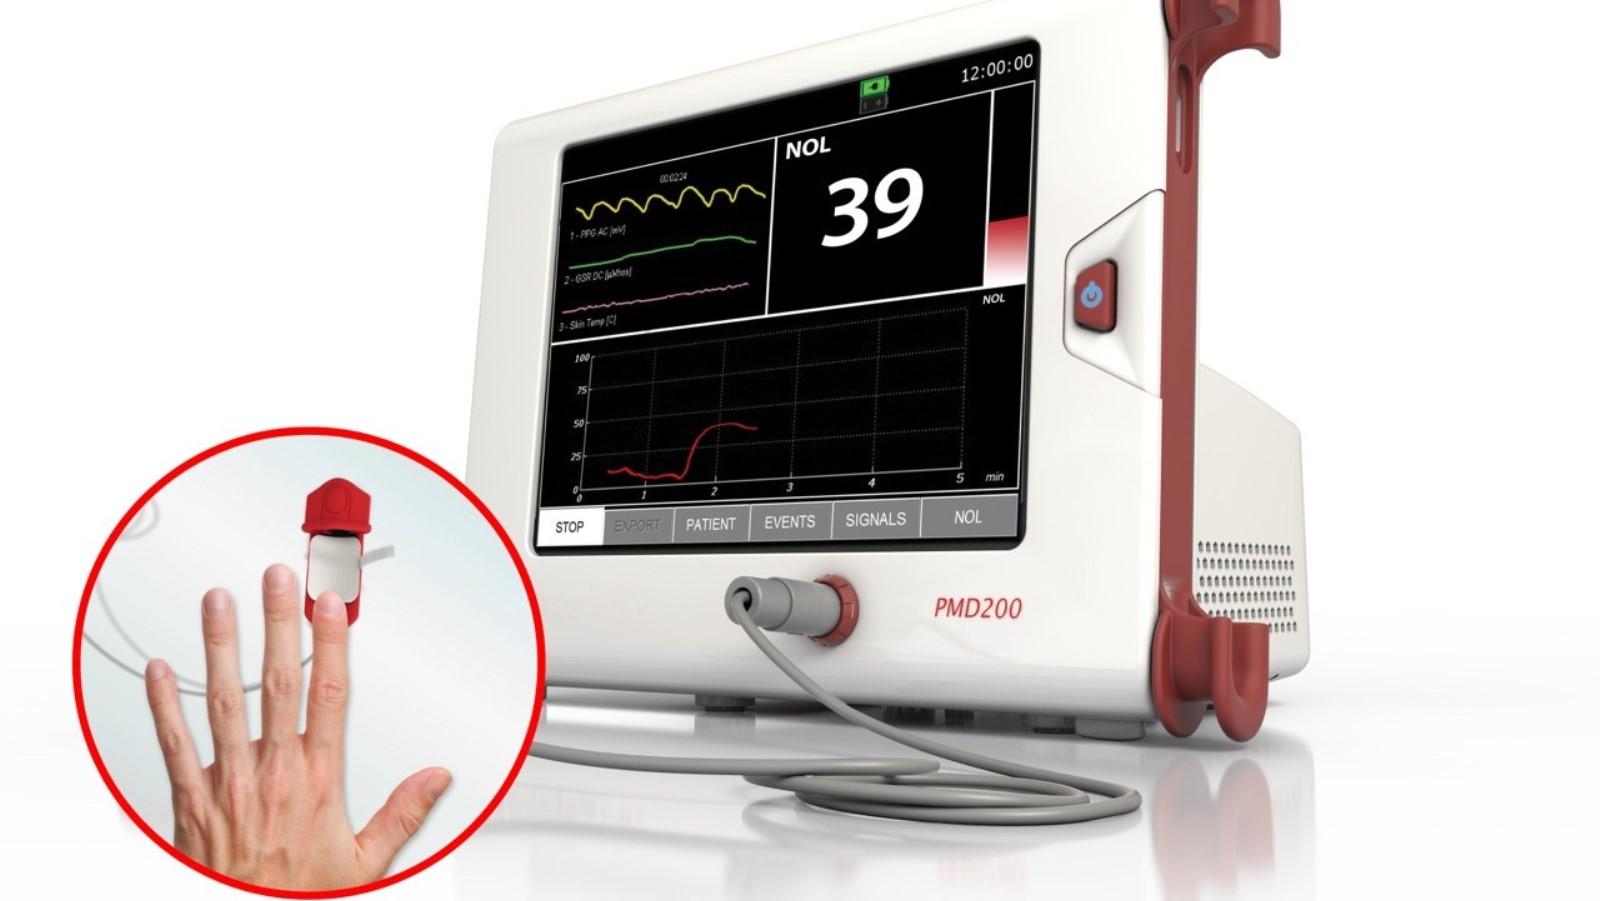 Israelisches Instrument zur Schmerzbewertung wird in neuen ICU-Richtlinien zitiert